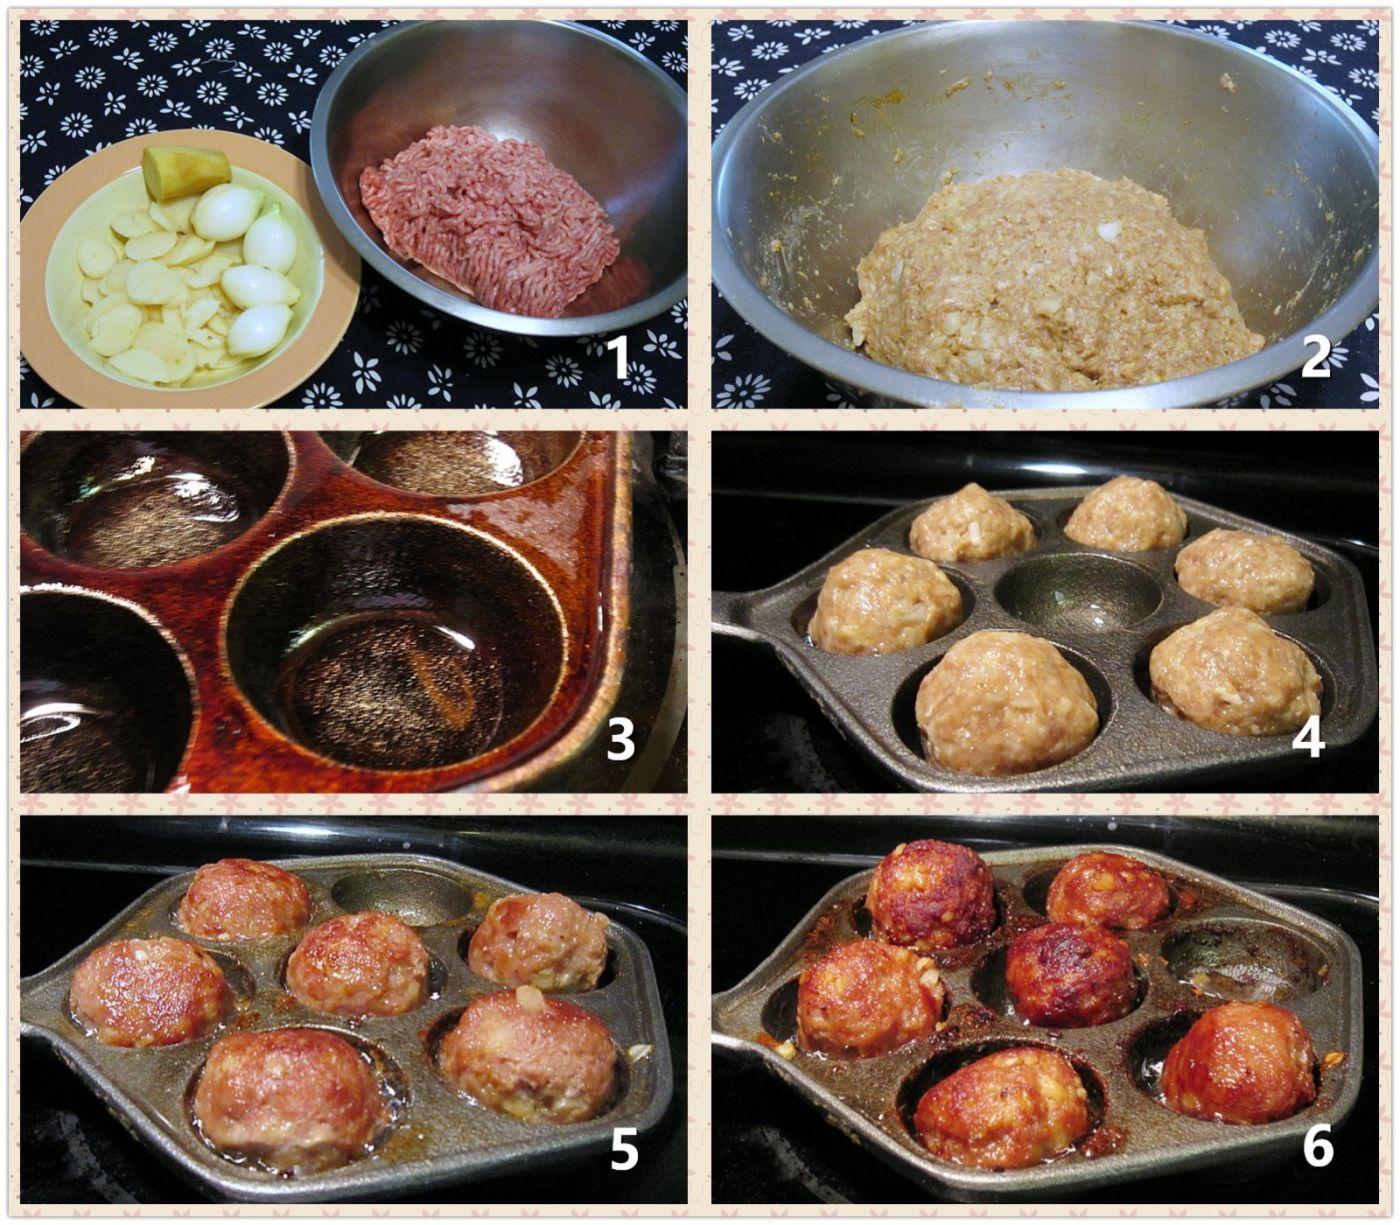 模具锅煎肉丸_图1-2